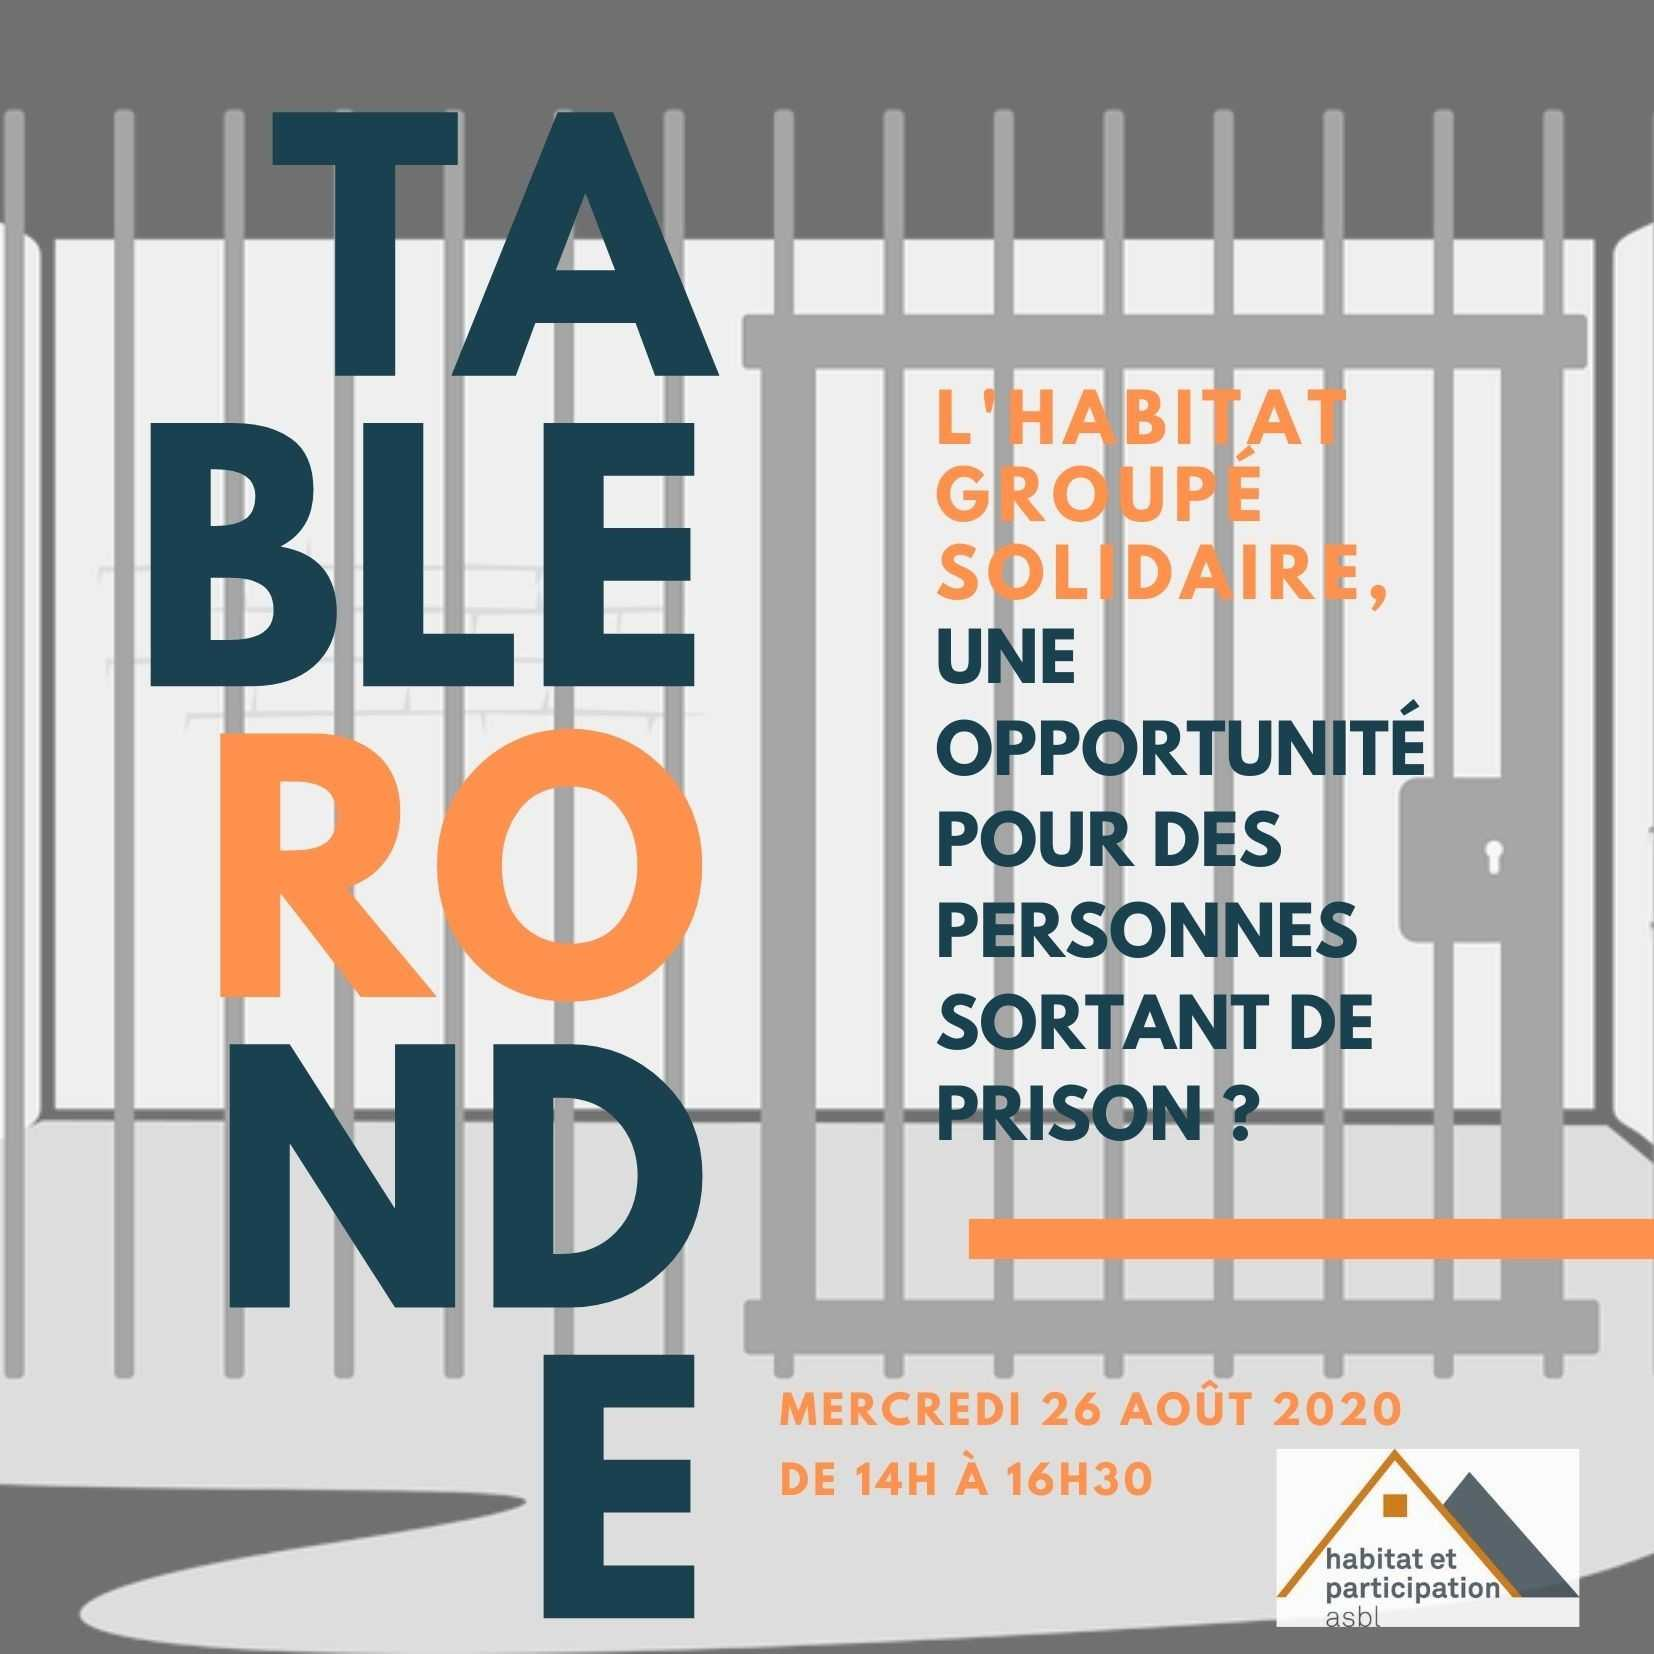 L'habitat solidaire, opportunité pour les personnes sortant de prison? La table ronde d'Habitat & Participation